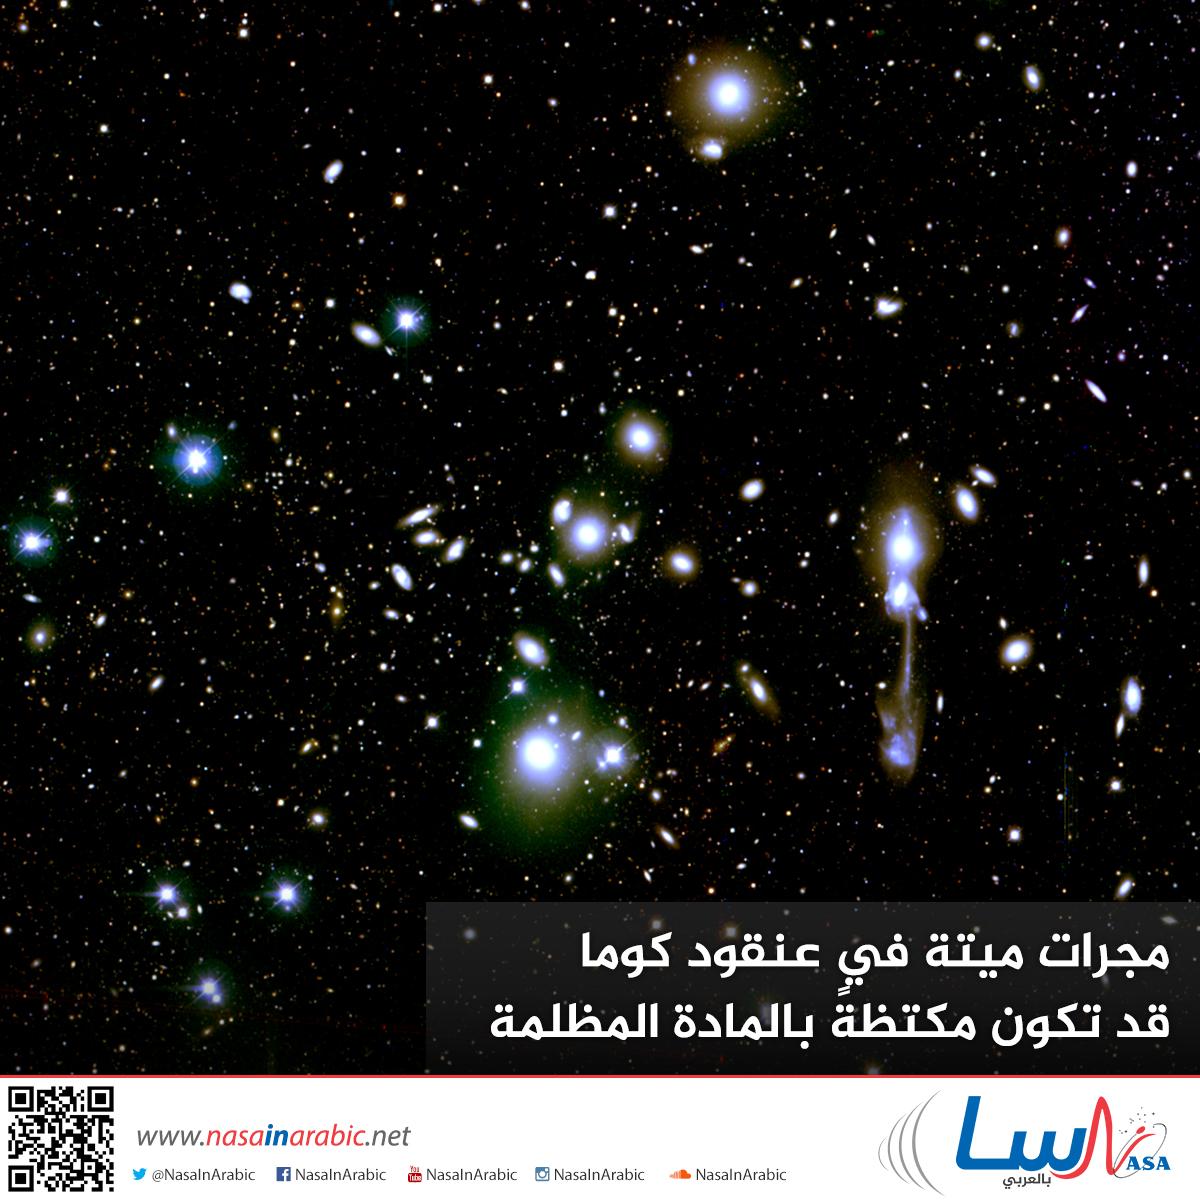 مجرات ميتة في عنقود كوما قد تكون مكتظةً بالمادة المظلمة